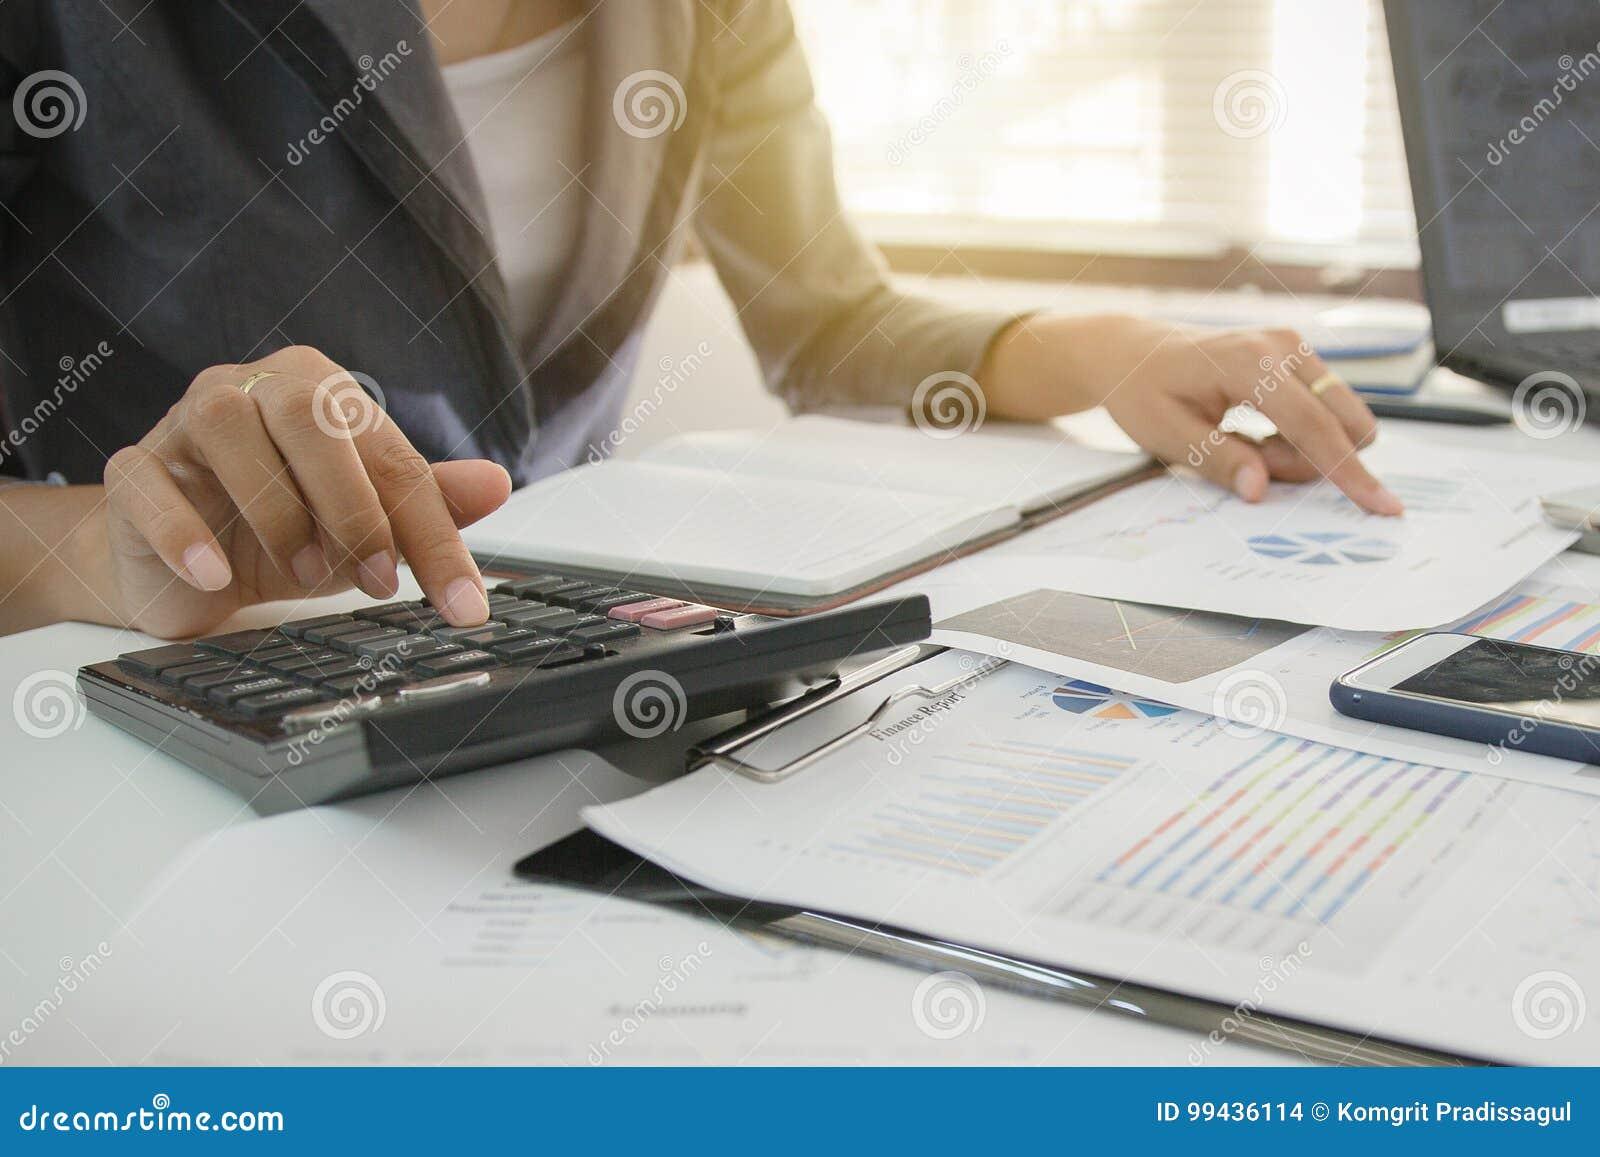 Έννοια λογιστικού ελέγχου, οικονομική έκθεση μάρκετινγκ επιχειρηματιών, ισορροπία υπολογισμού Υπηρεσία που ελέγχει το έγγραφο